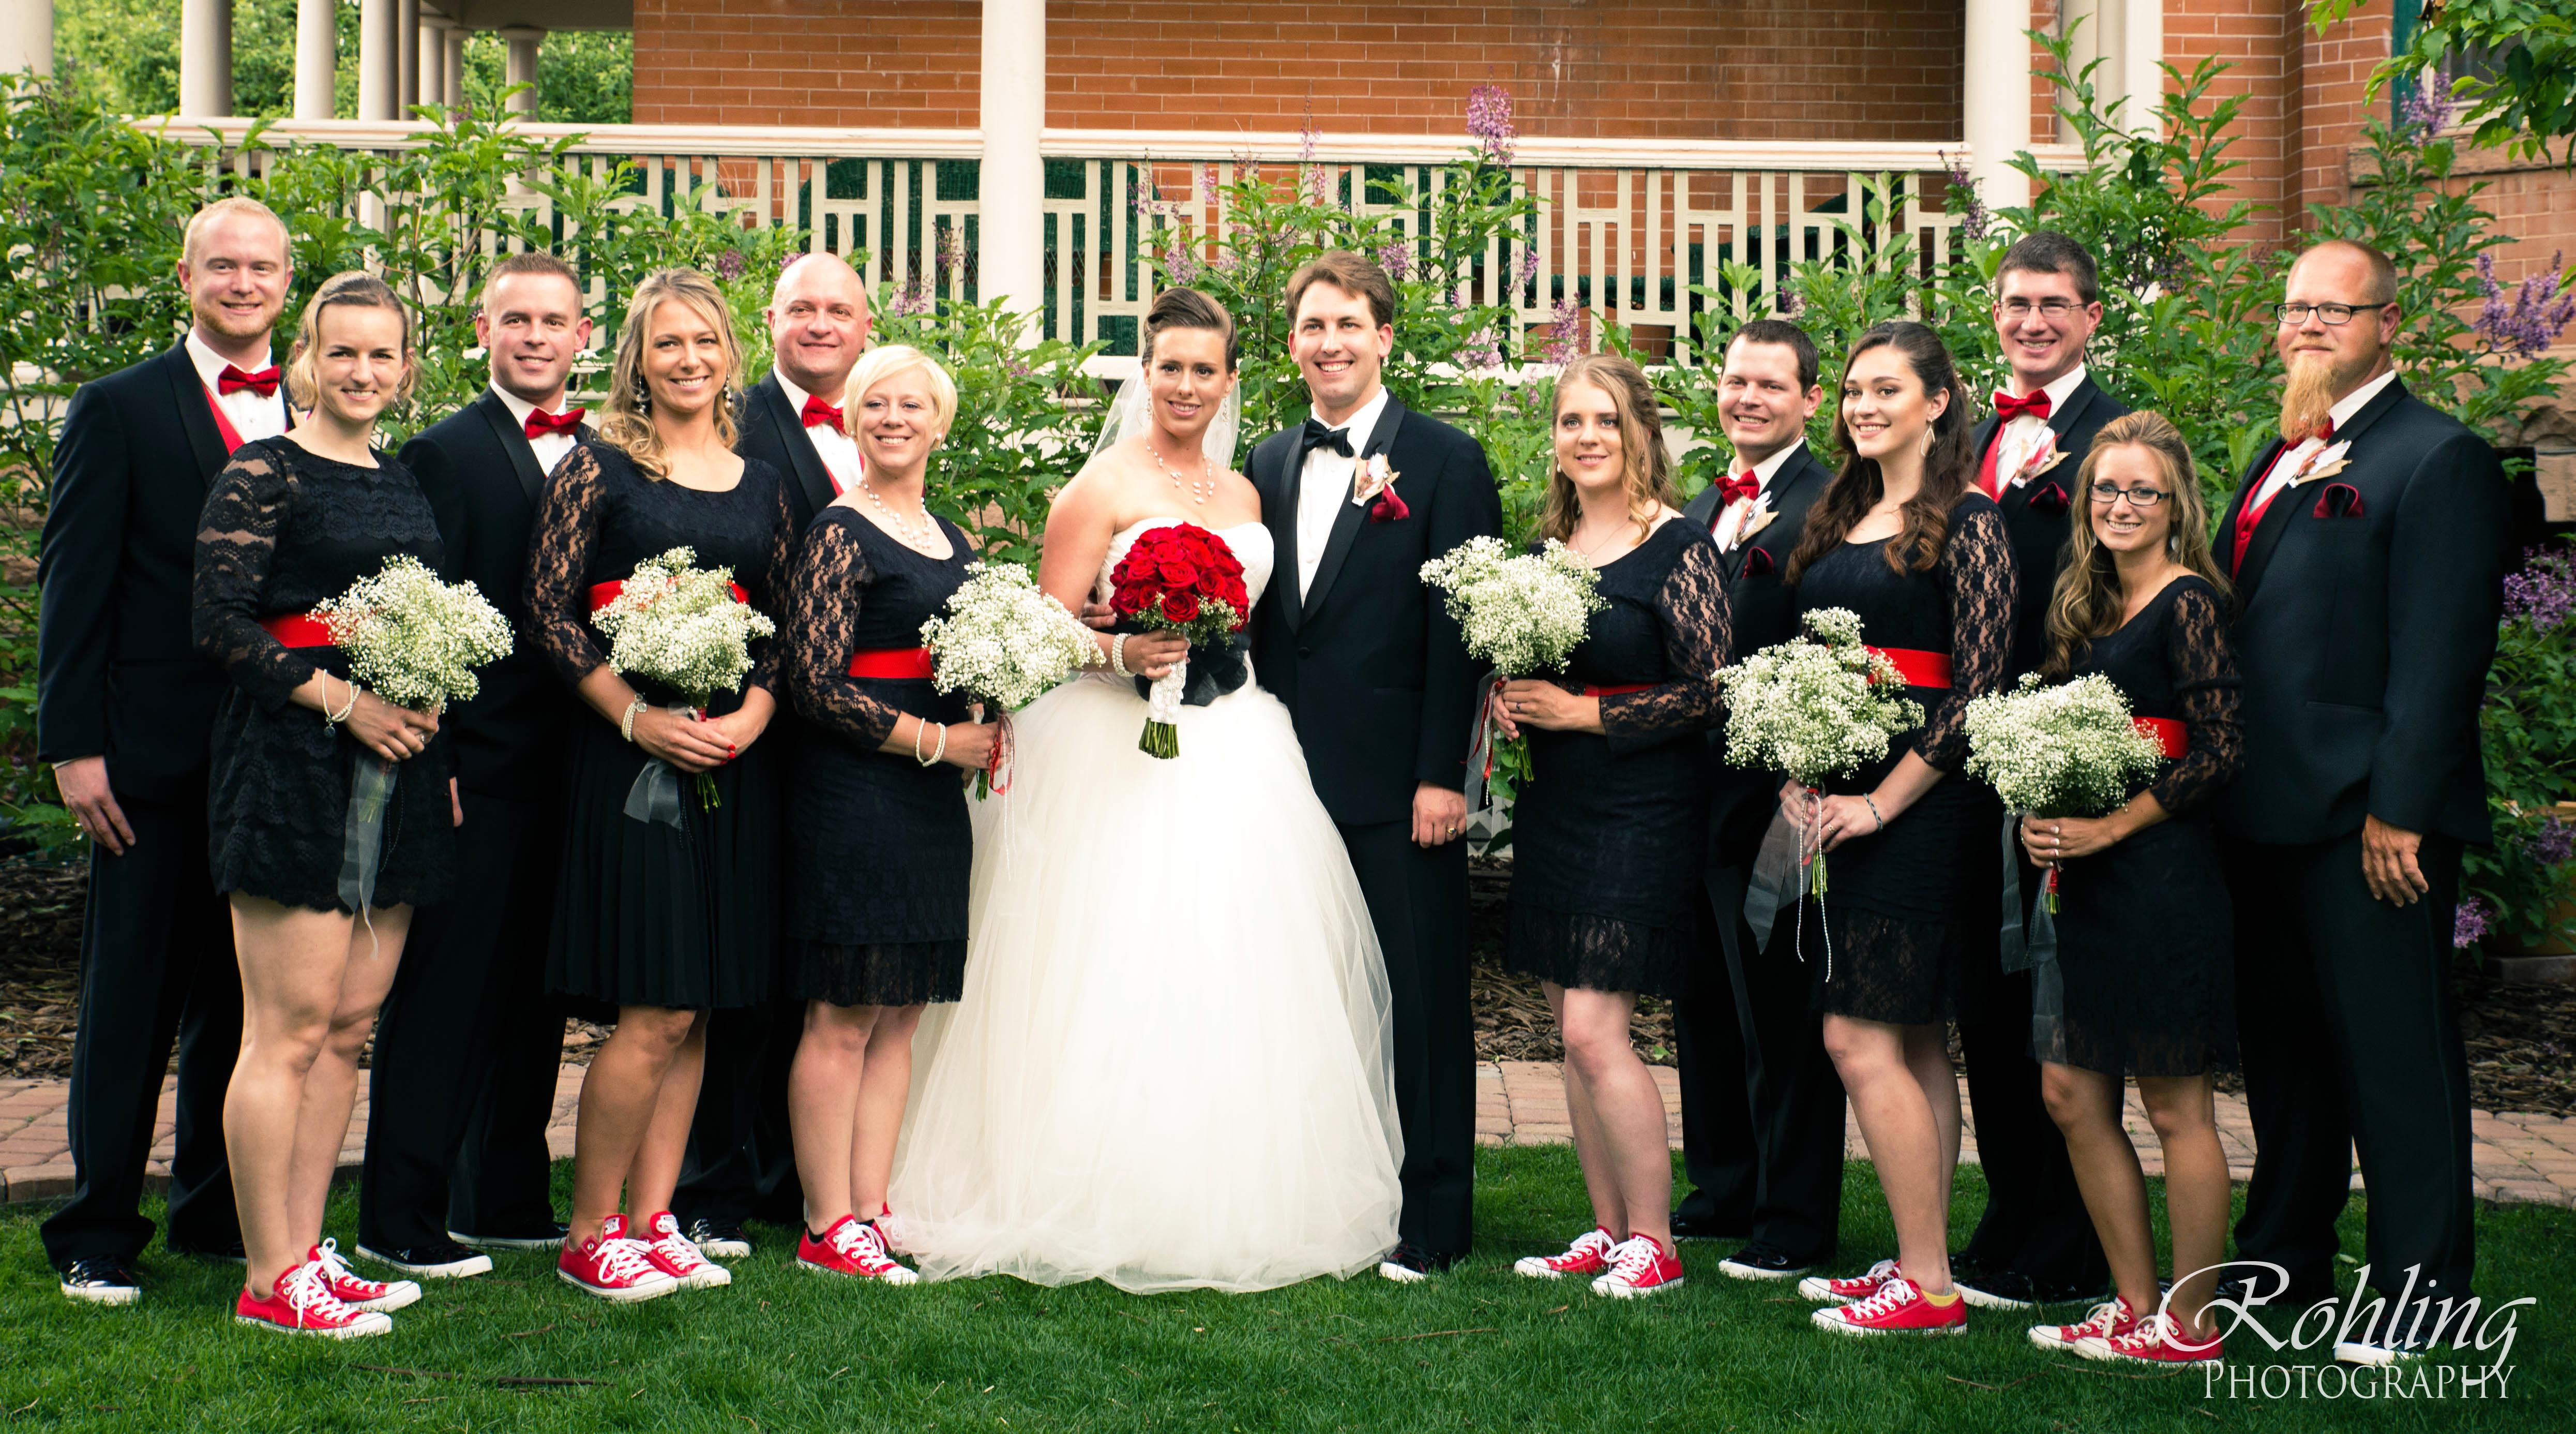 Wedding party in Lakewood Colorado